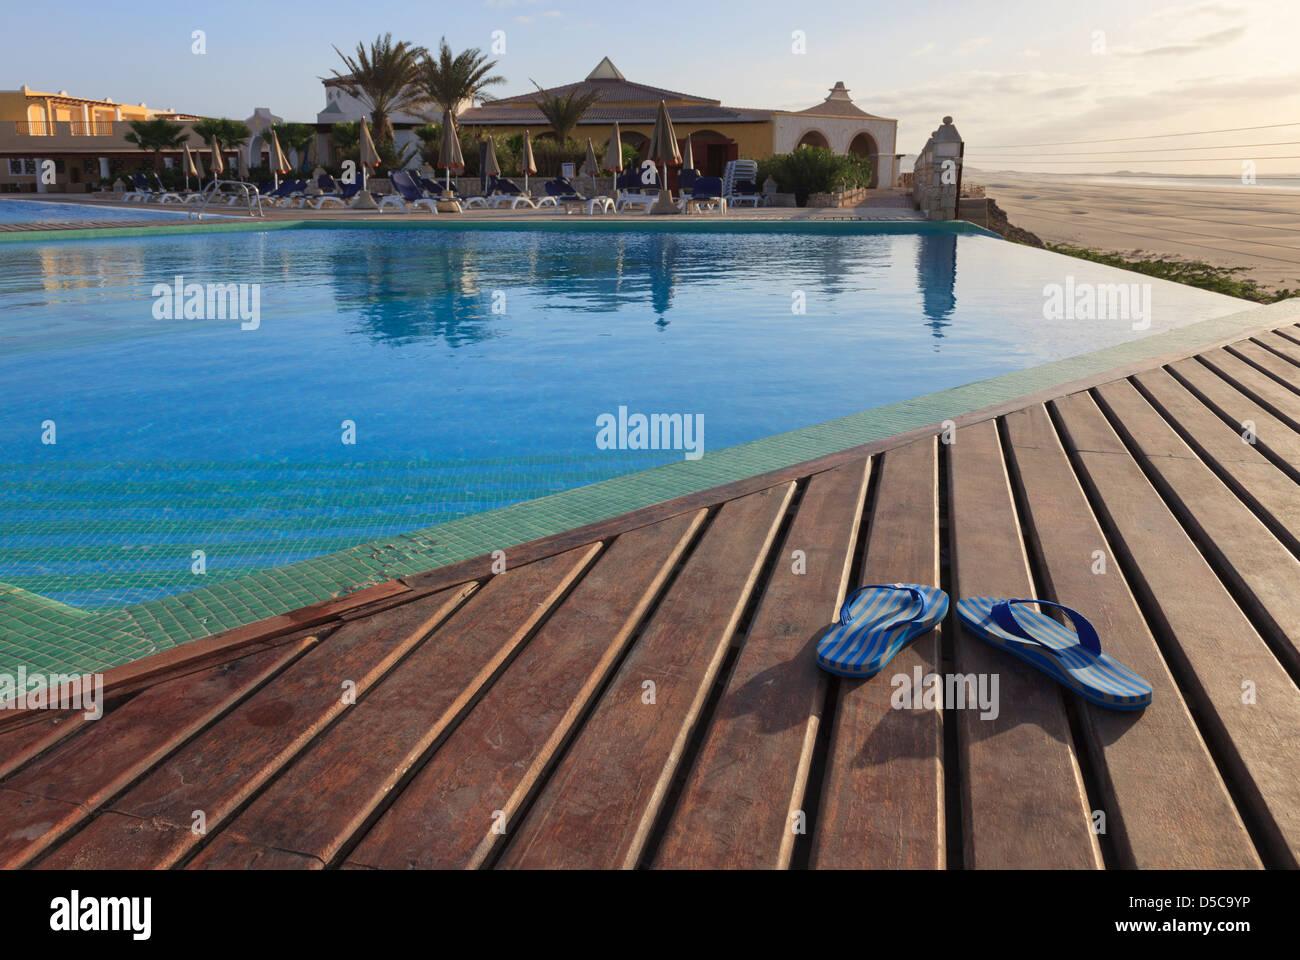 Paire de tongs sur sun decking - terrasse piscine à débordement par du vide dans des vacances de luxe Photo Stock